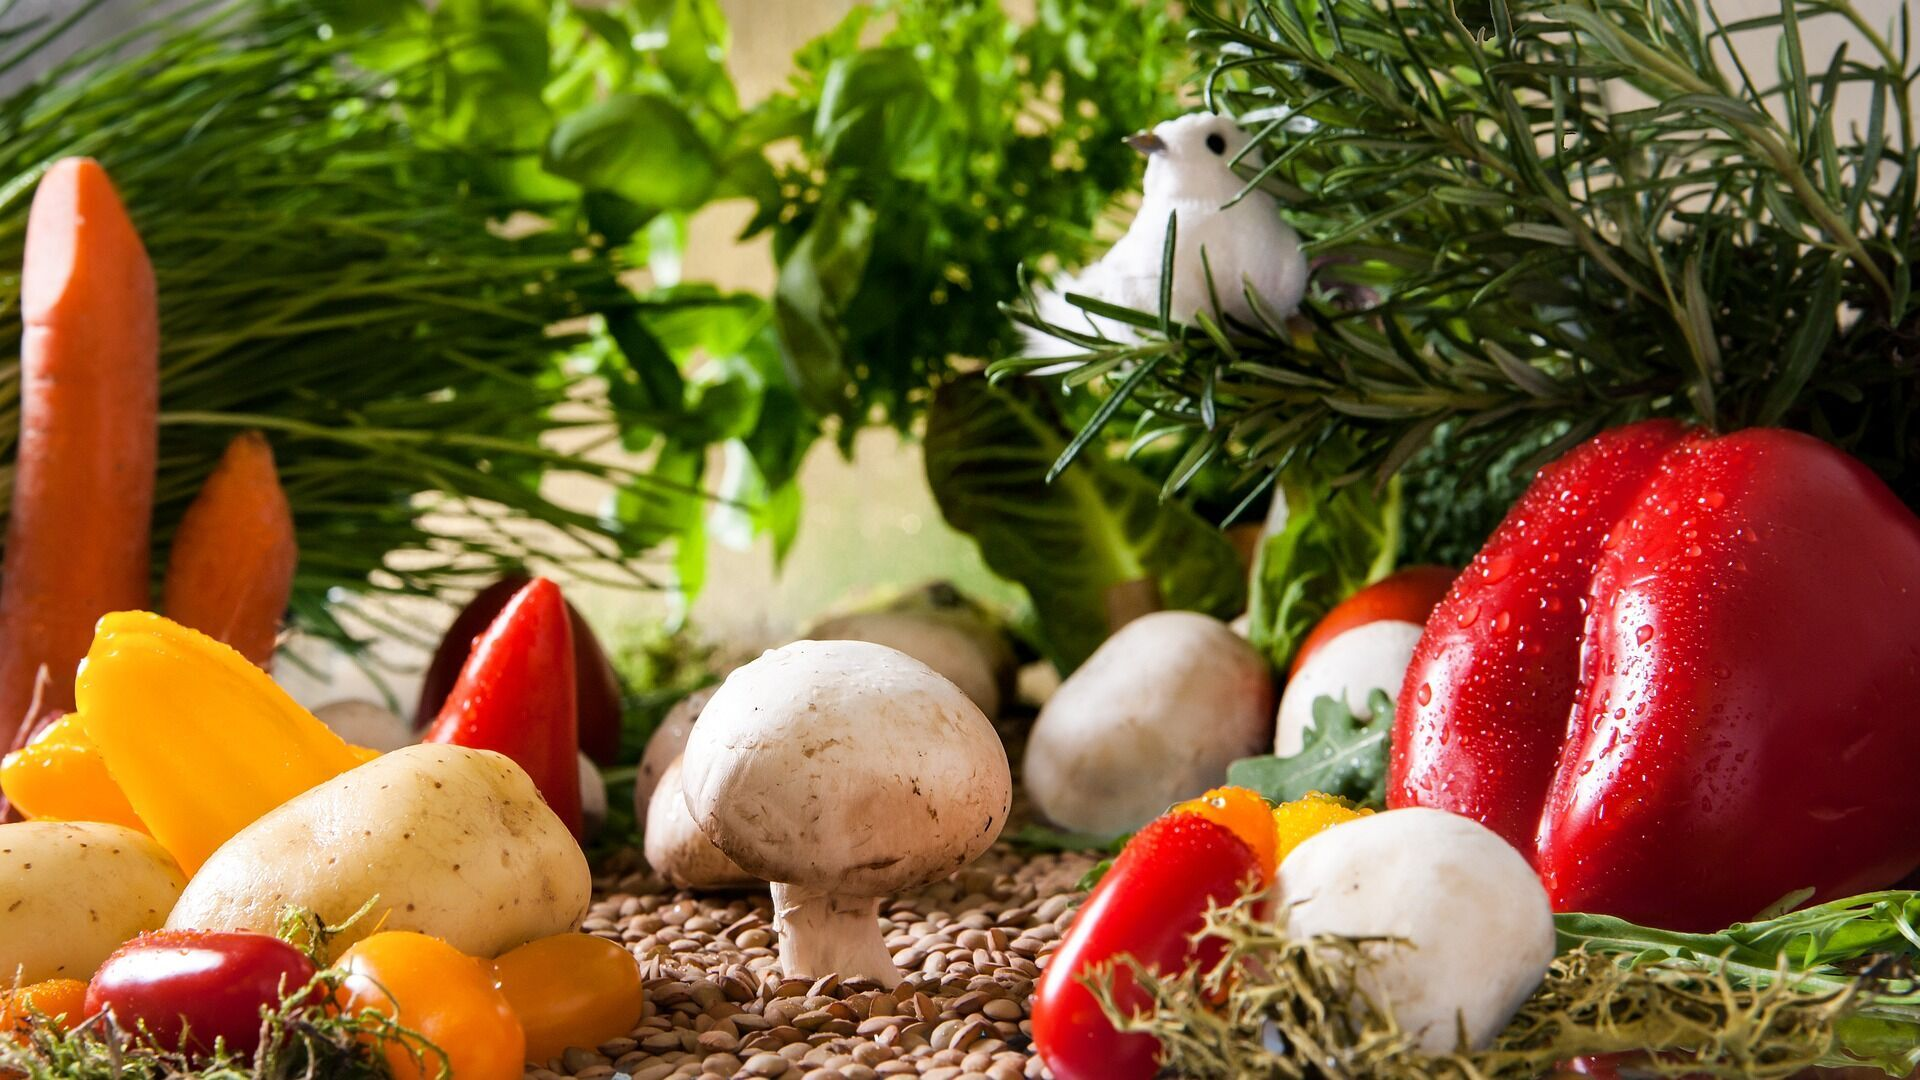 Супи найкраще готувати на основі сезонних овочів